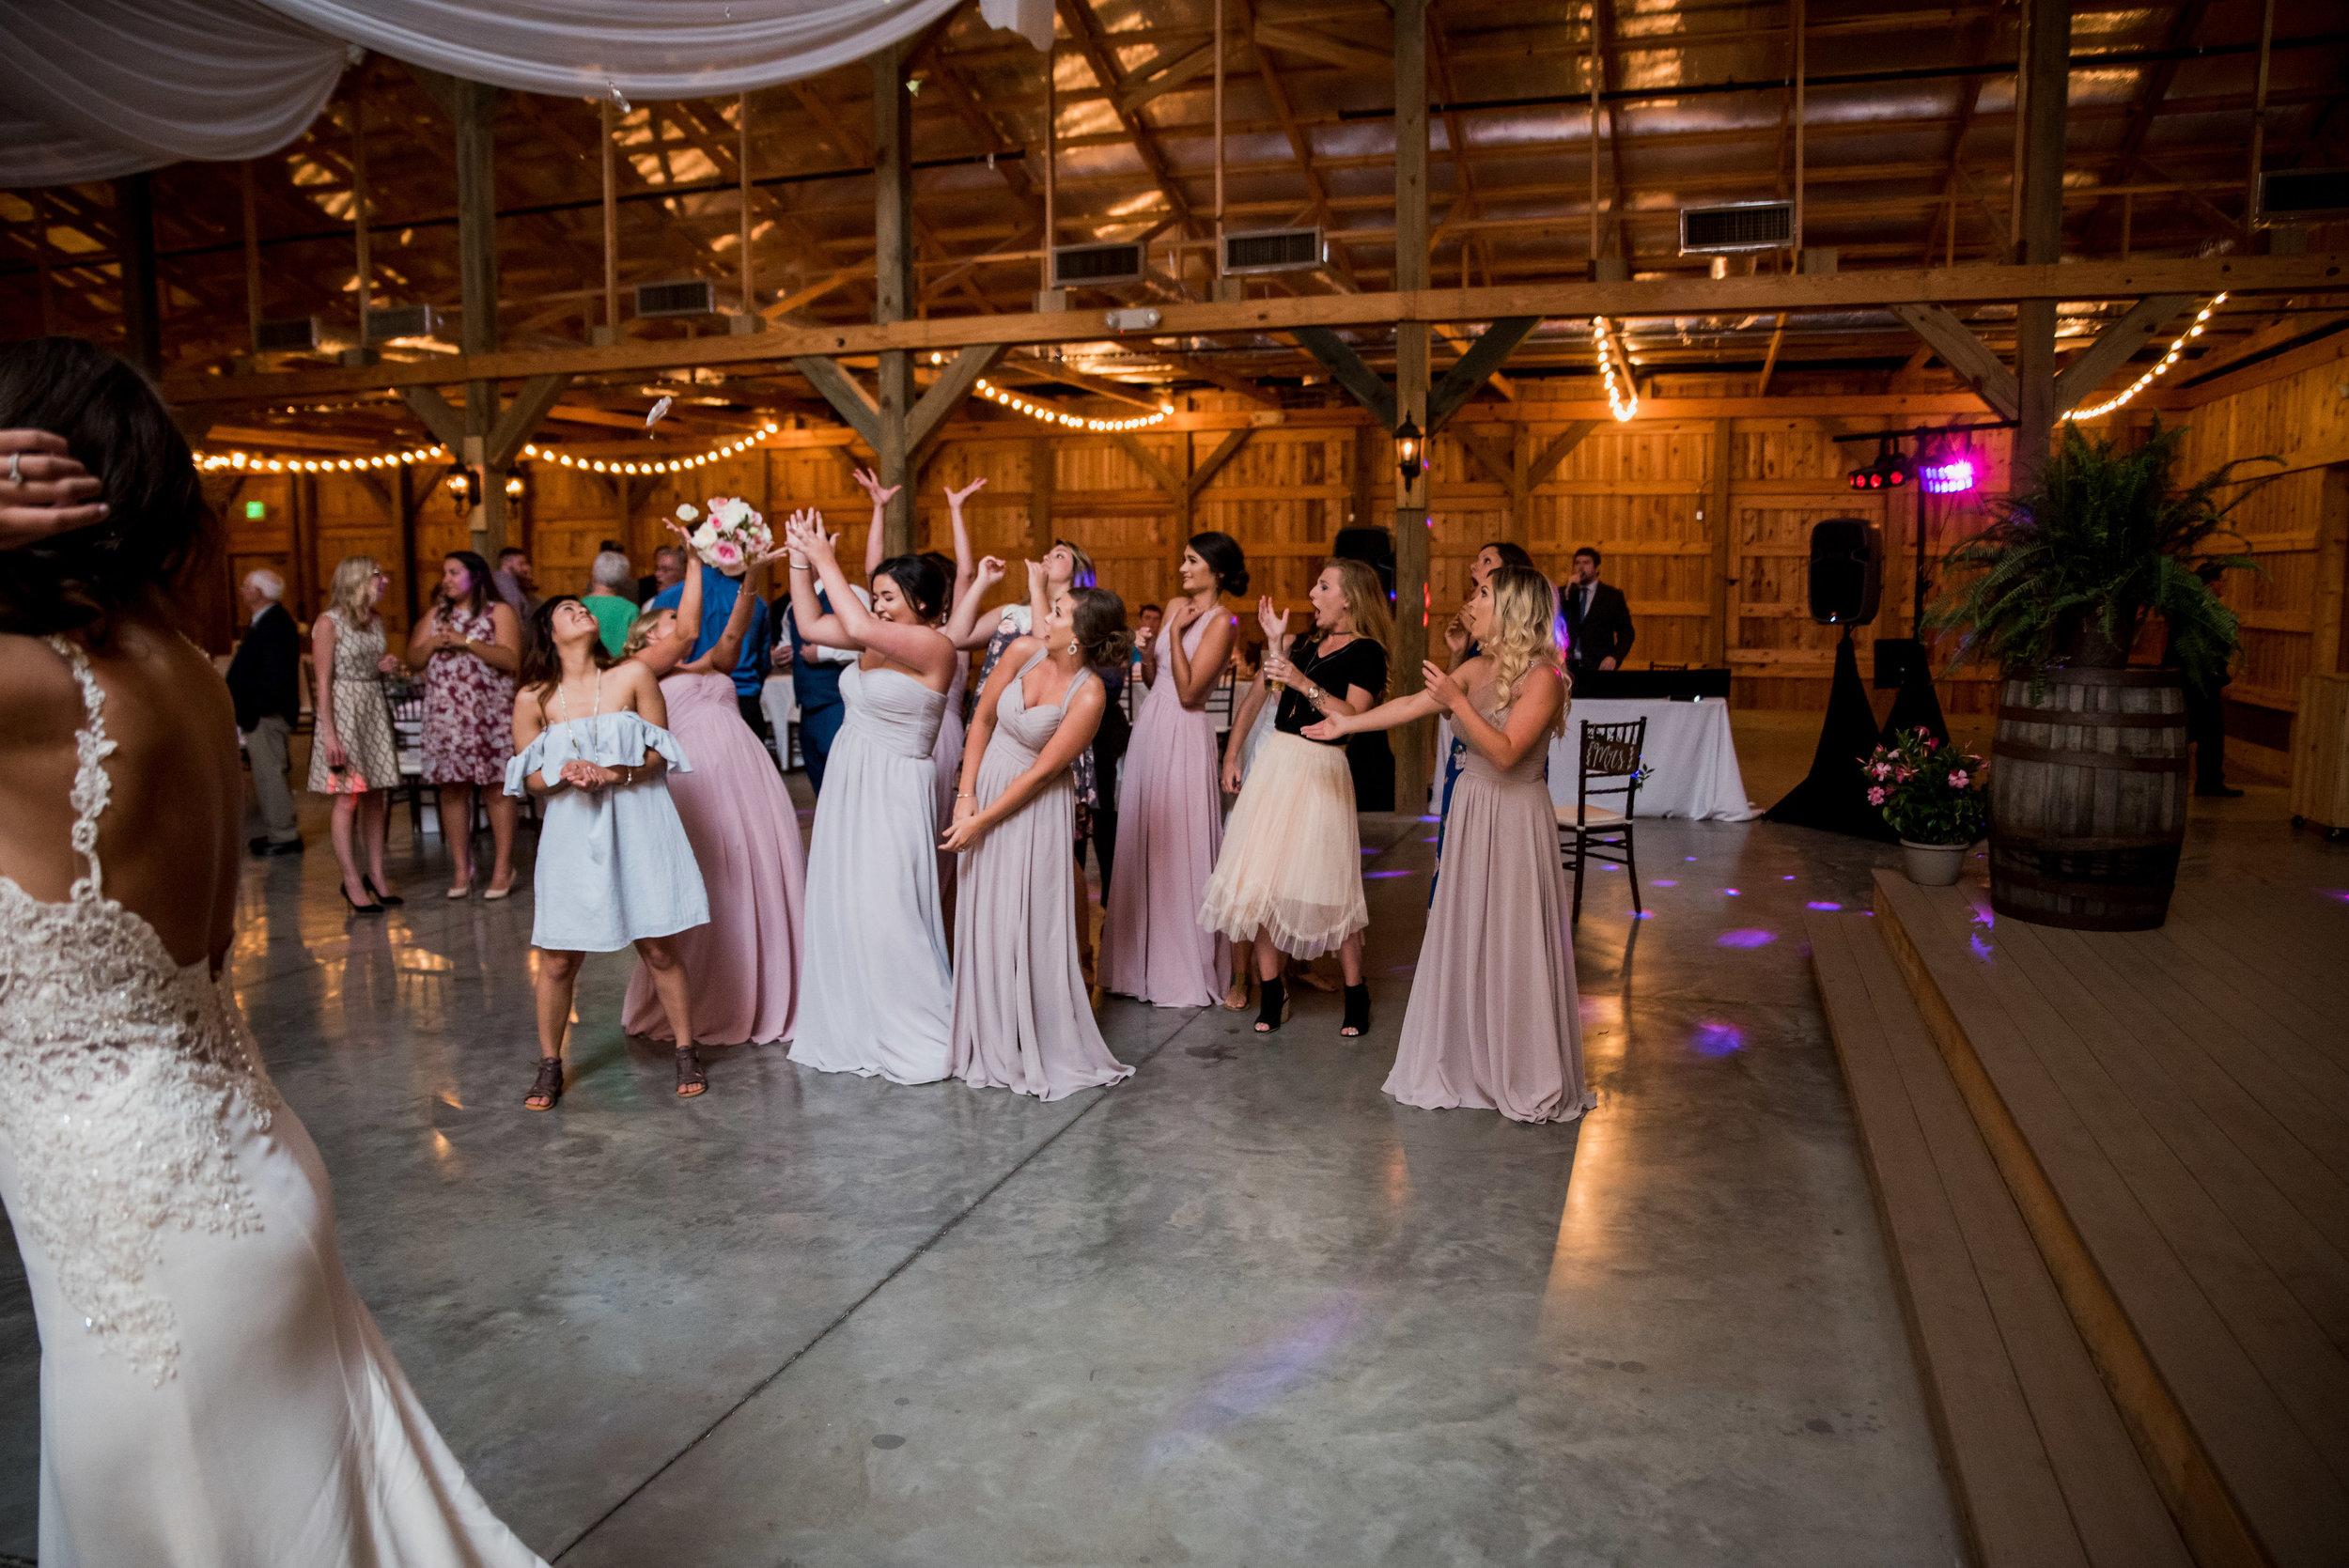 Saddlewood-Farms-Nashville-Wedding-Photographers-735.jpg